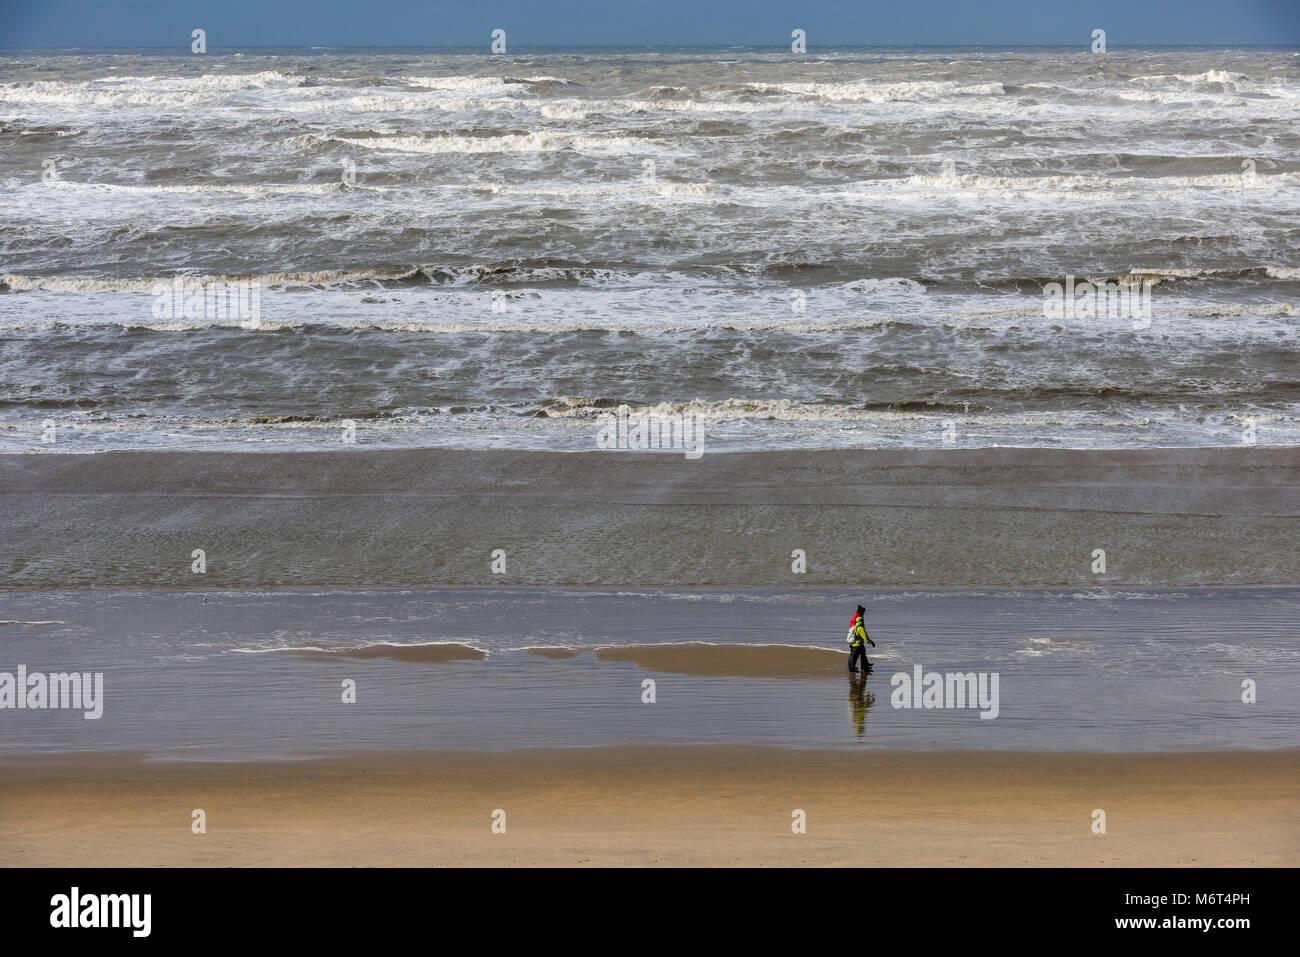 Zandvoort Niederlande 18 Januar 2018 Sturm An Der Nordsee In